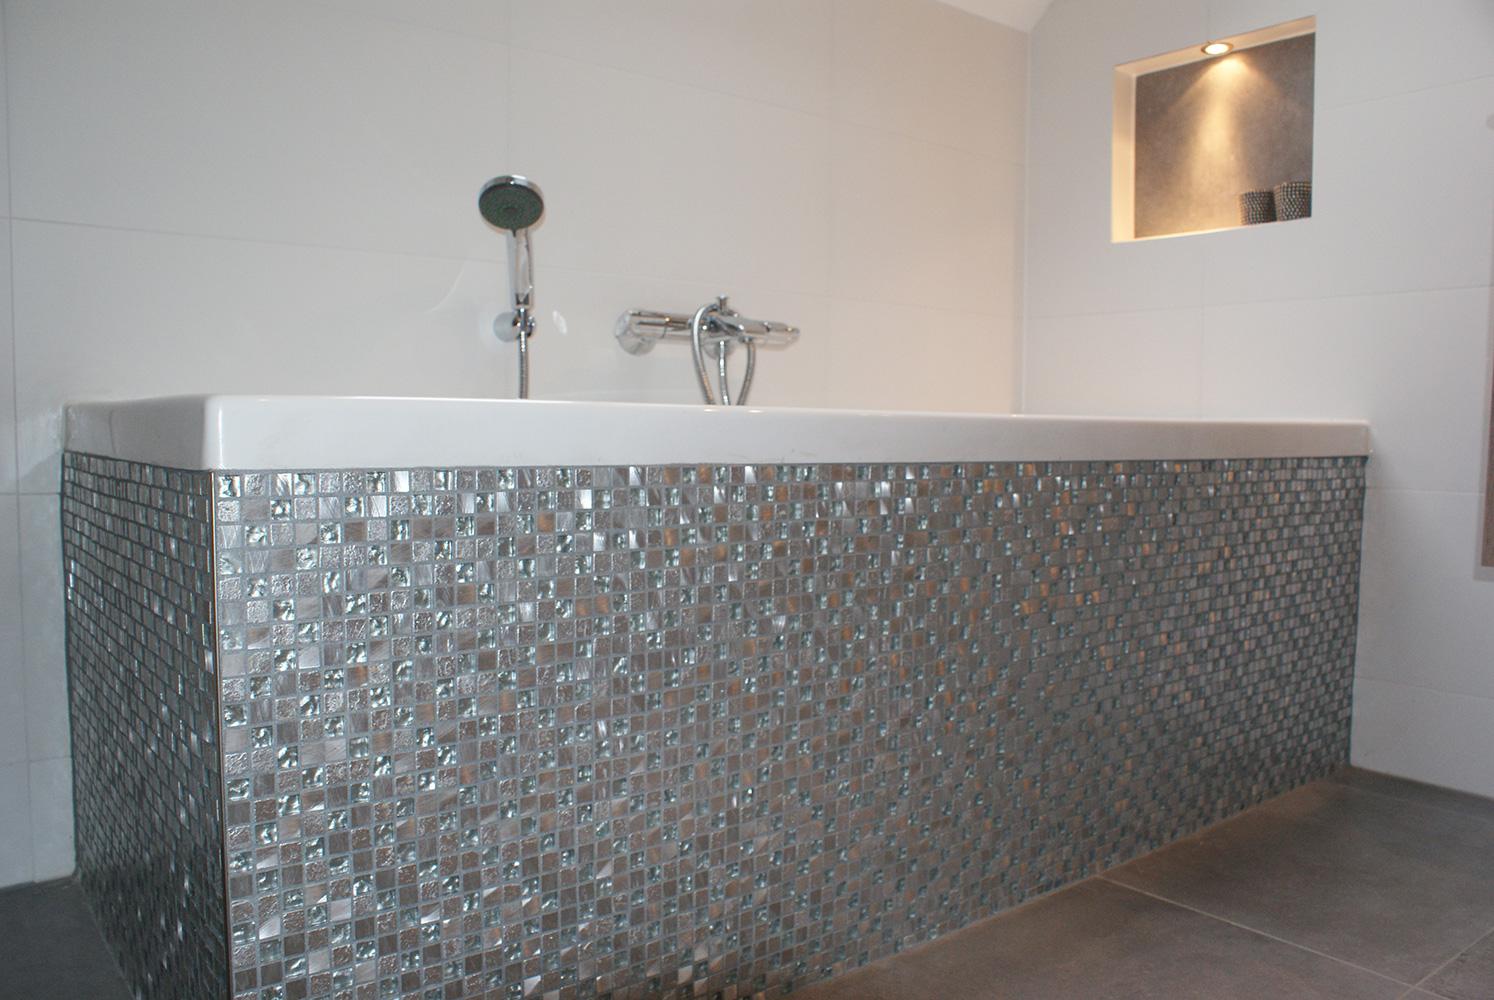 Mooihuis kiezelstenen badkamer schoonmaken mooihuis